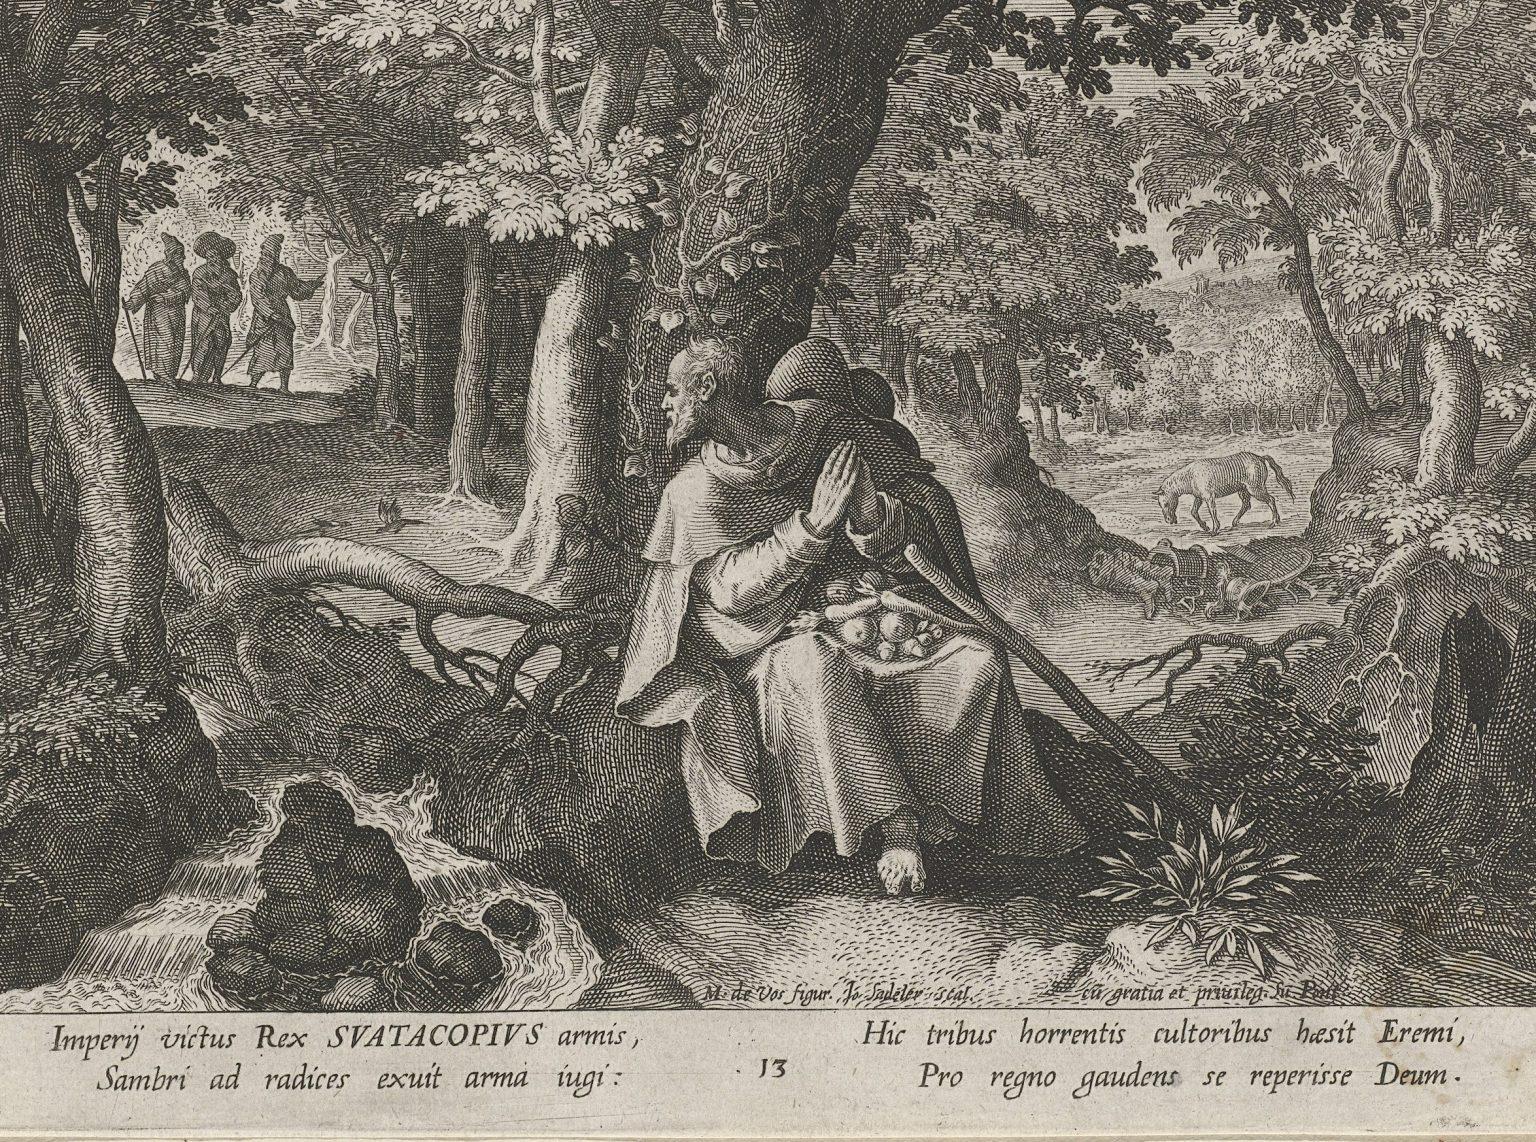 Obraz z knihy morálnych poučení rímsko-nemeckého cisára Karola V. a španielskeho kráľa, ktorý ako príklad uvádza legendu o Svätoplukovi, ktorý odišiel z boja, zakopal zbroj a dal sa k mníchom - pustovníkom, aby sa pripravil na večný život. Pri tomto obrázku je zaujímavé nielen to, že najmocnejší panovník 16. storočia si za vzor zobral kráľa (nie knieža) Svätopluka, ale že na konci svojho života i nasledoval jeho príklad.